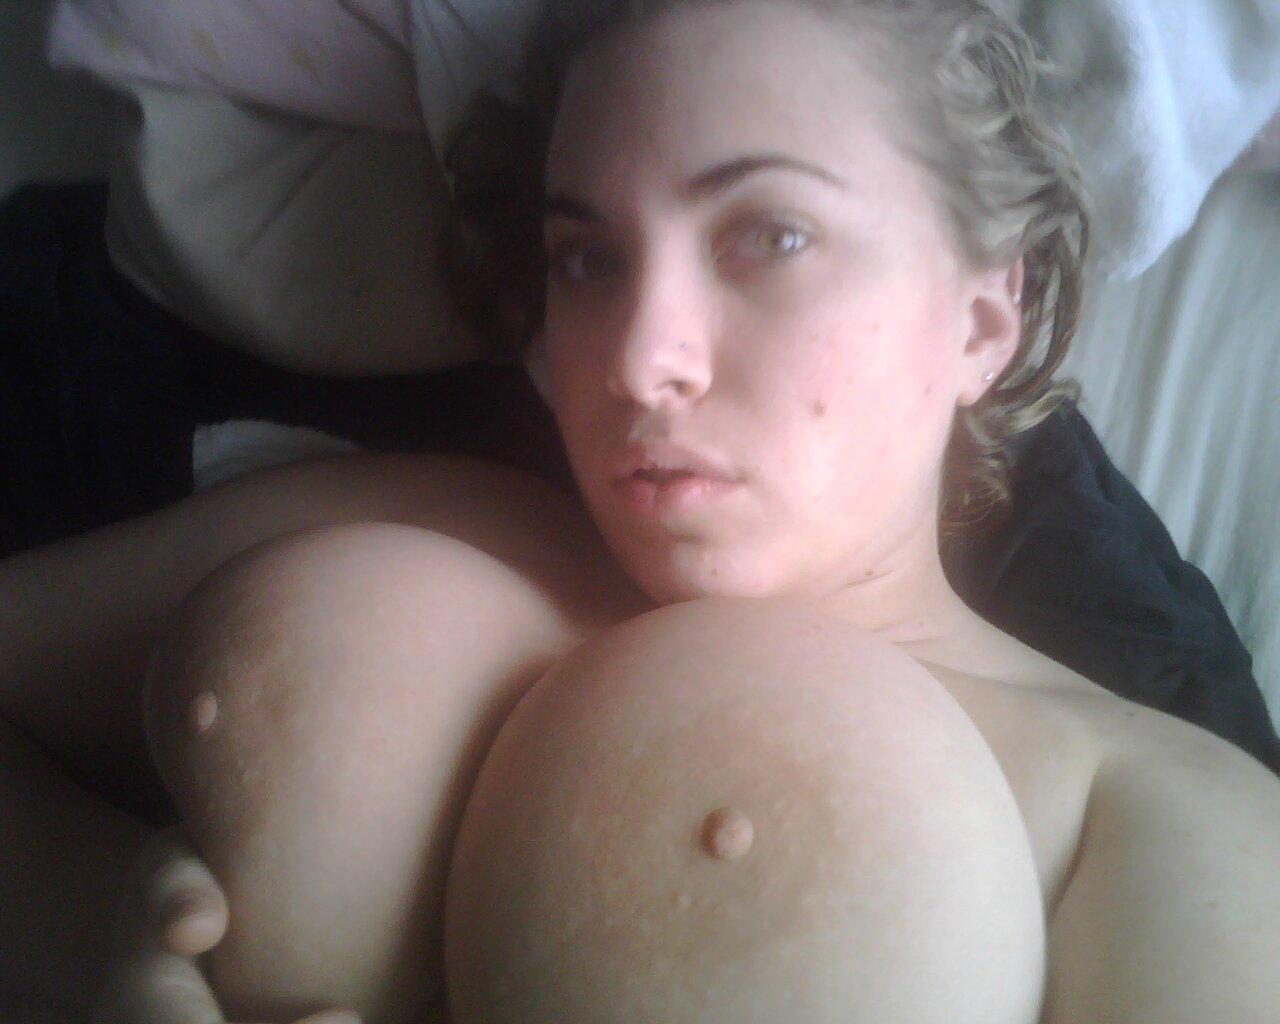 gretis porno marktplaats voor sex